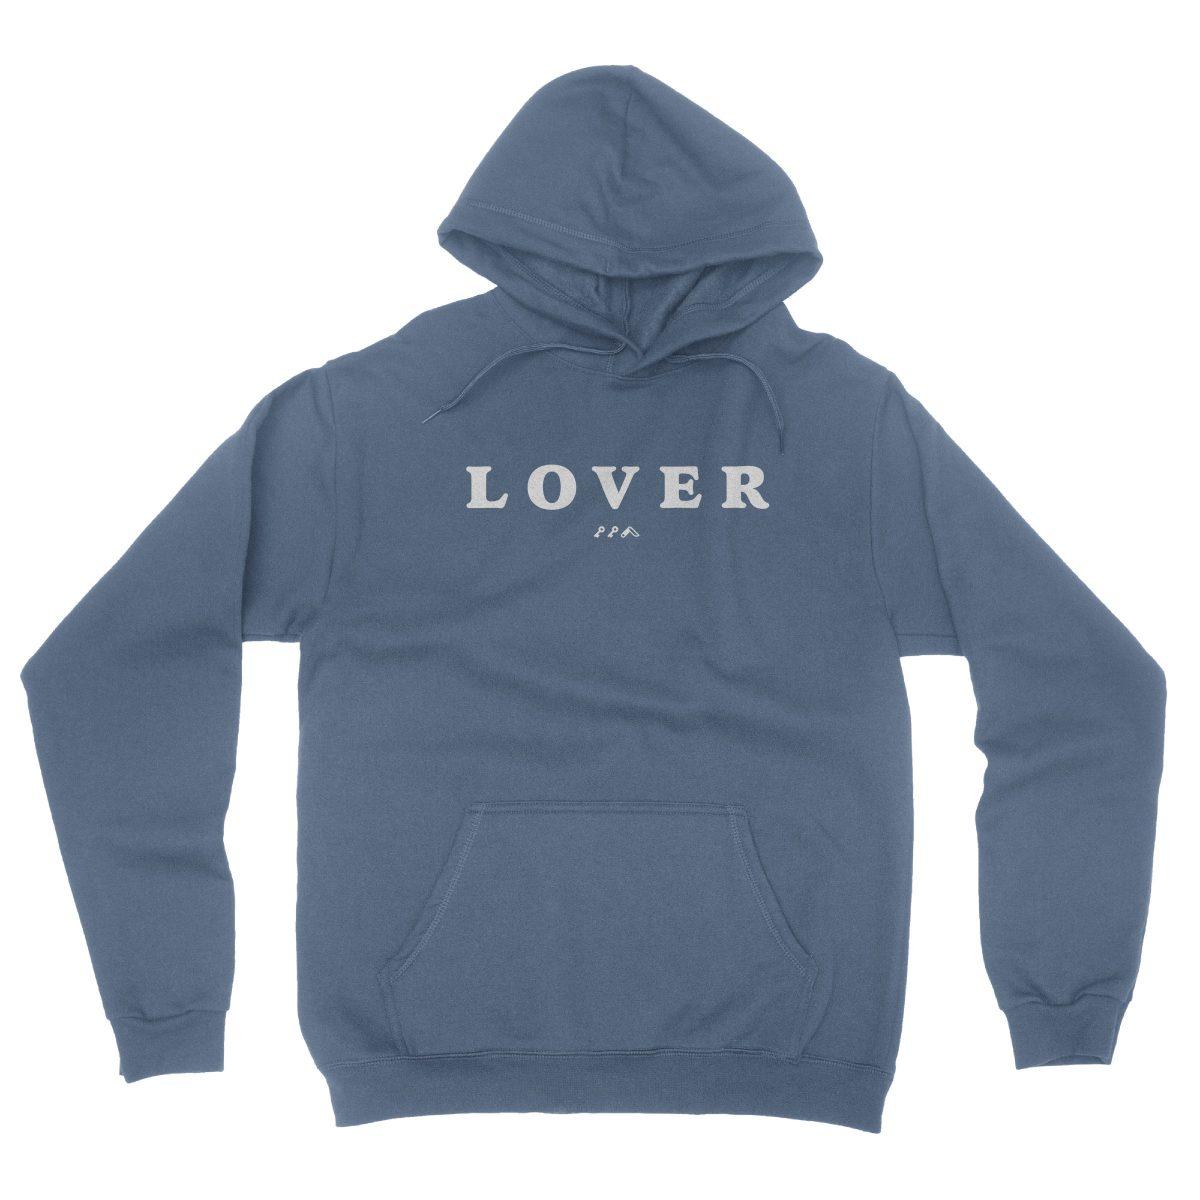 LOVER soft unisex hoodie in indigo by kikicutt